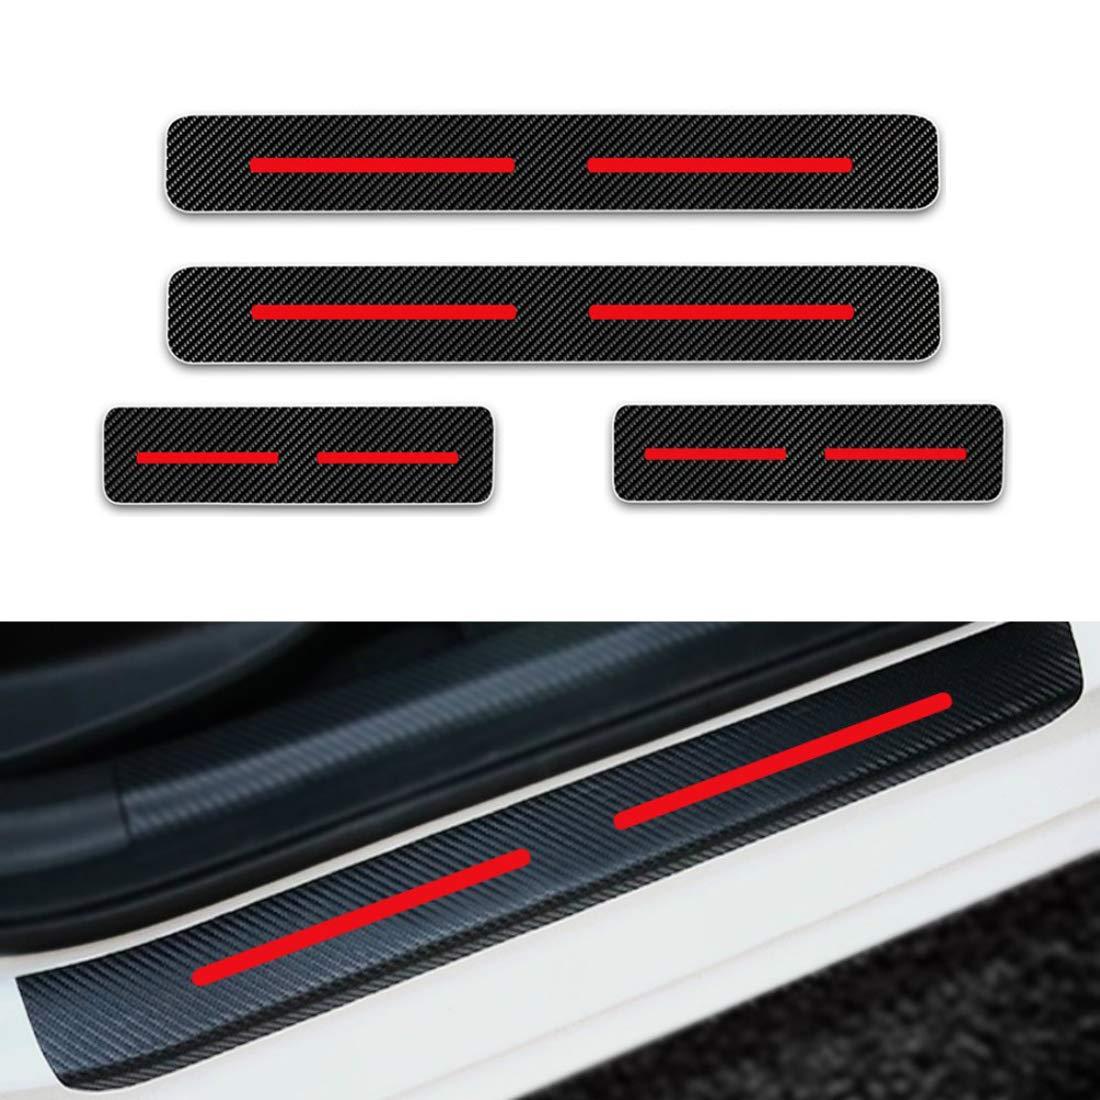 Per Rifter 5008 Traveller Battitacco Soglia Porta Auto,Carbon Fiber Sticker adesivi Styling,Esterno Batticalcagno Prevenire lusura Previene graffi 4Pezzi Rosso